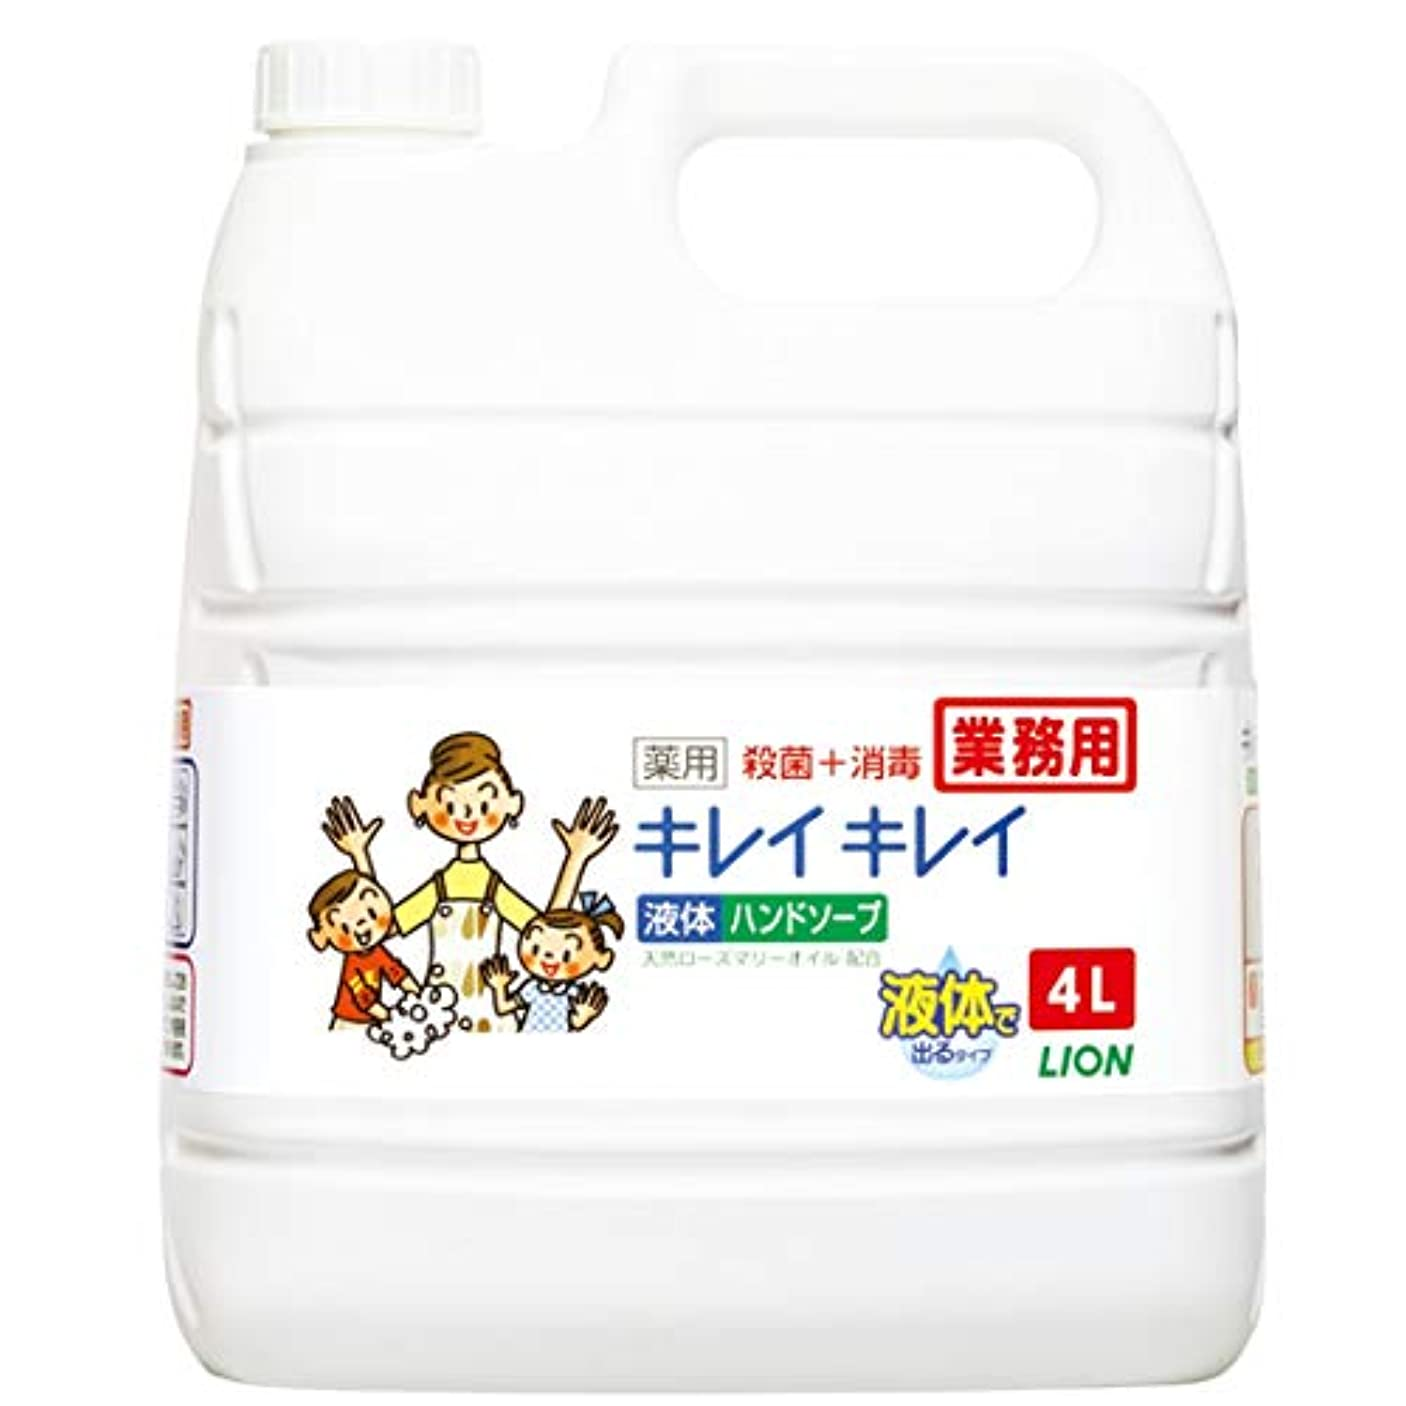 コカイン口実うなずく【業務用 大容量】キレイキレイ 薬用 ハンドソープ (医薬部外品) 単品 4L